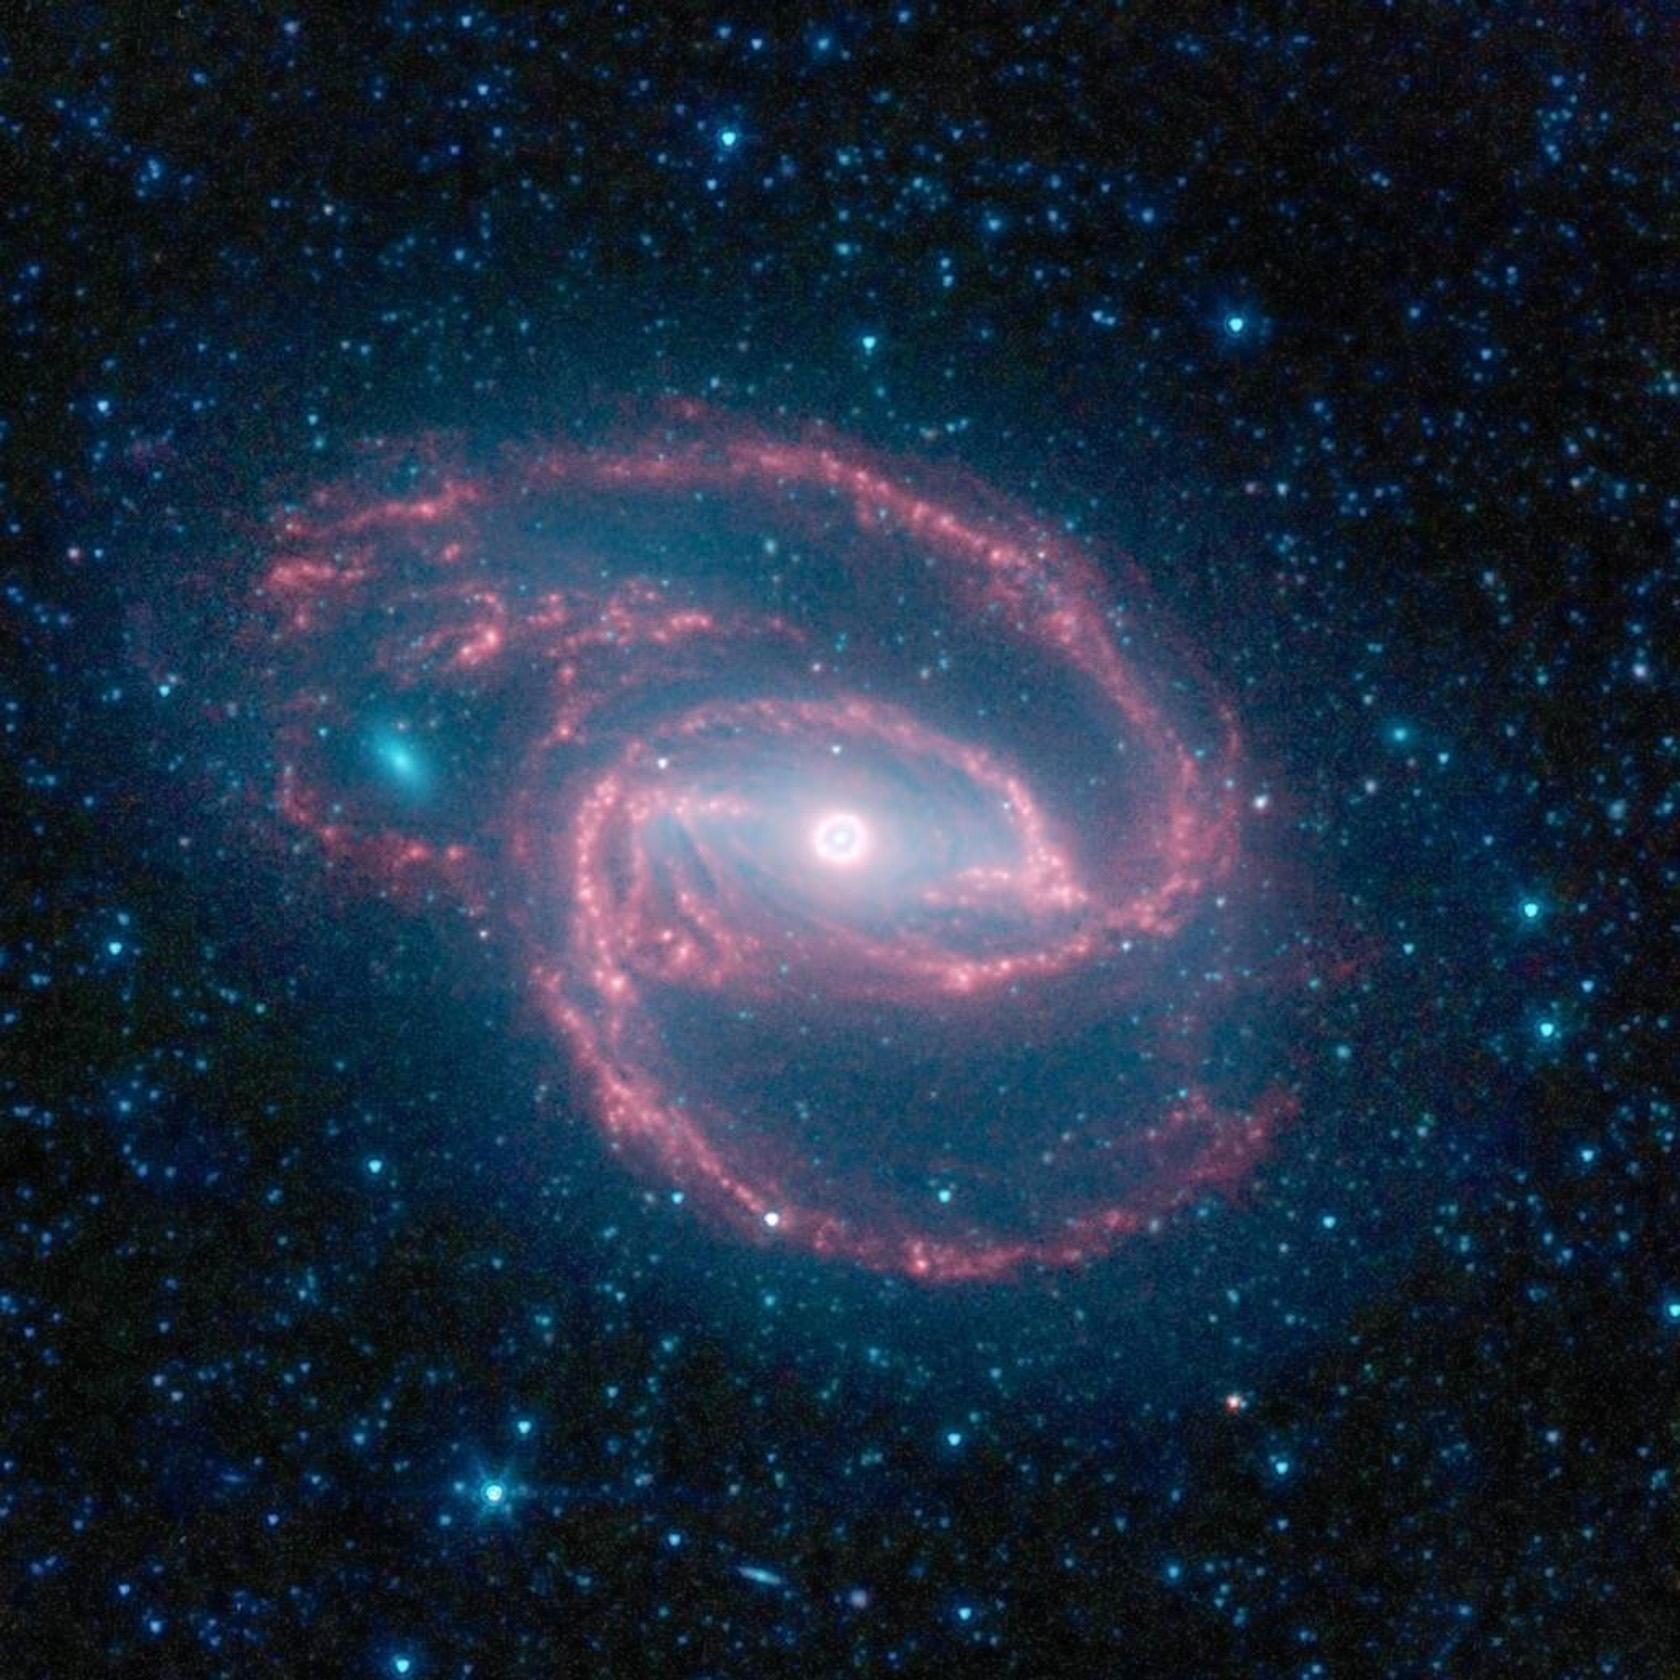 Sumber: NASA / JPL-Caltech